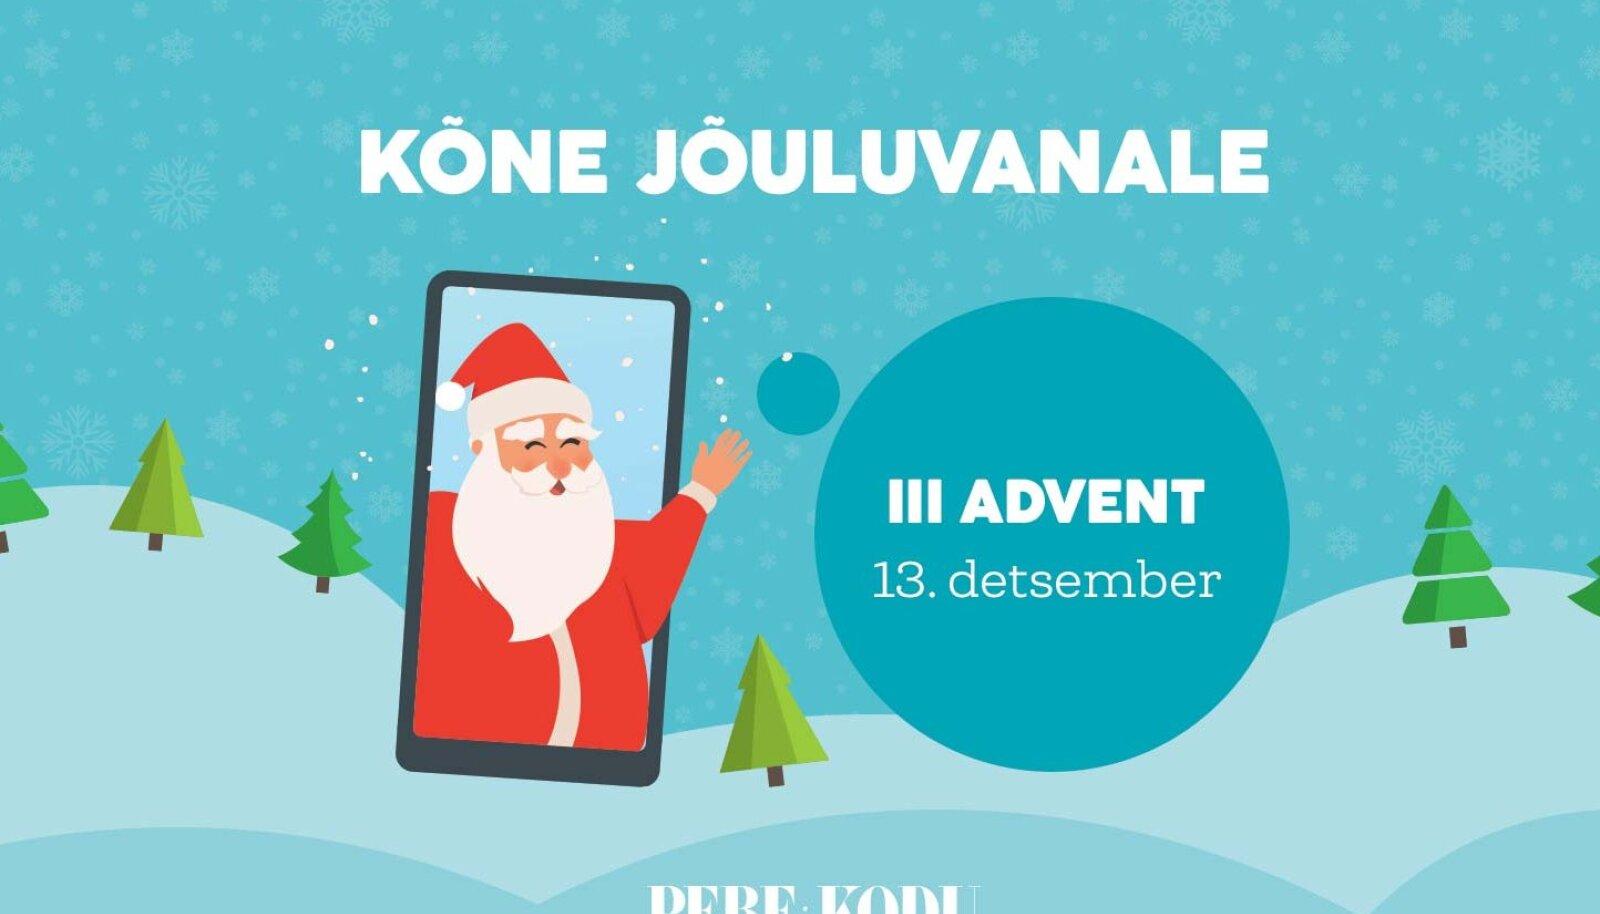 III advent